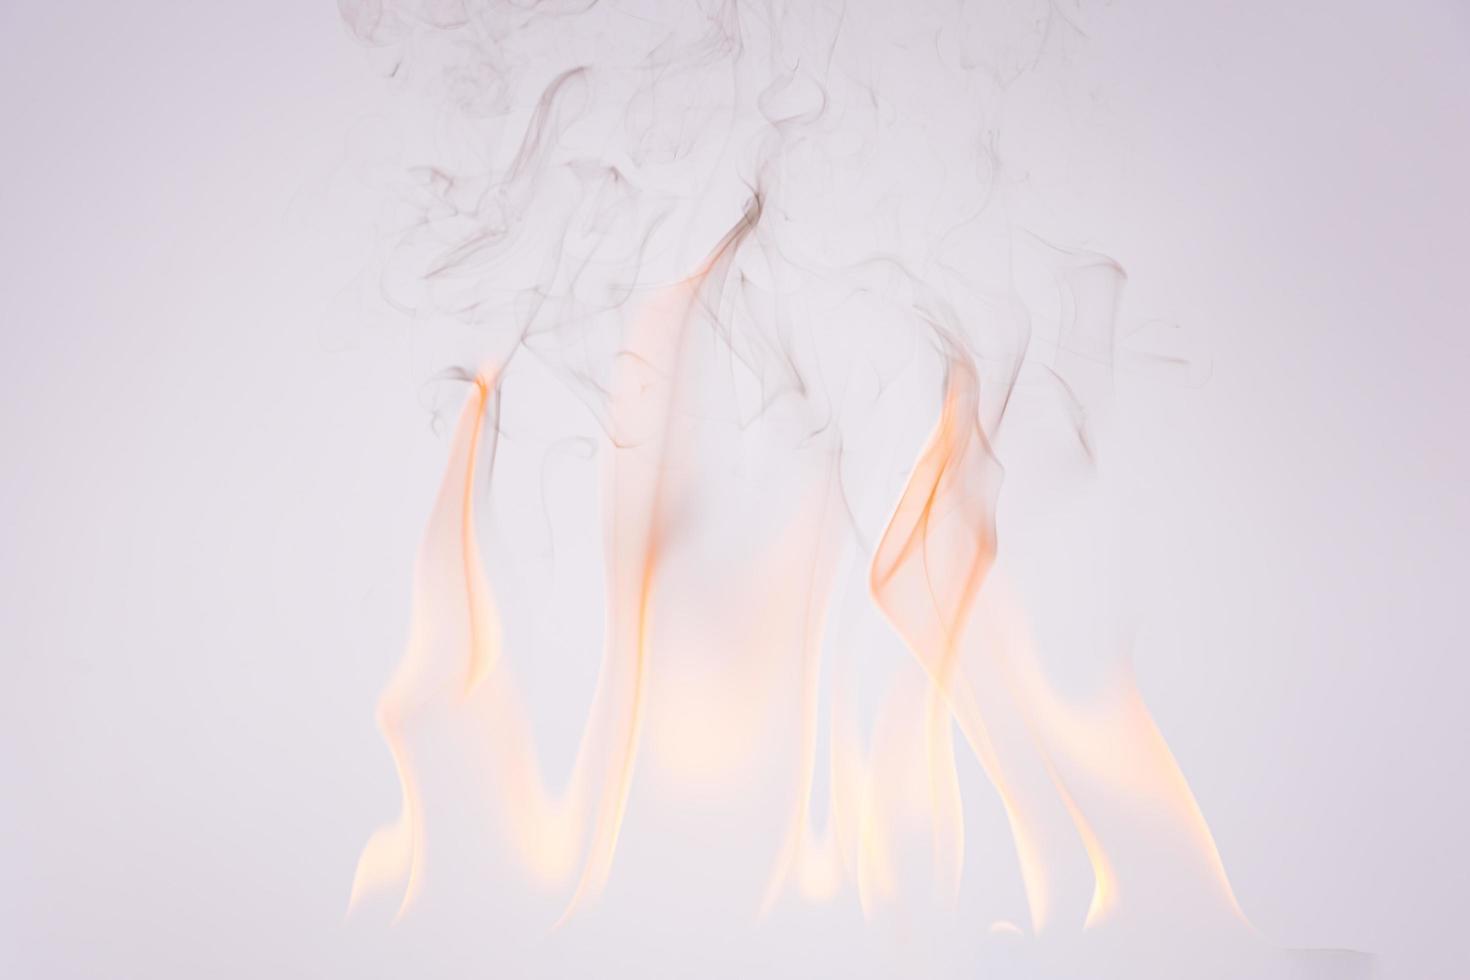 feu et fumée sur fond blanc photo